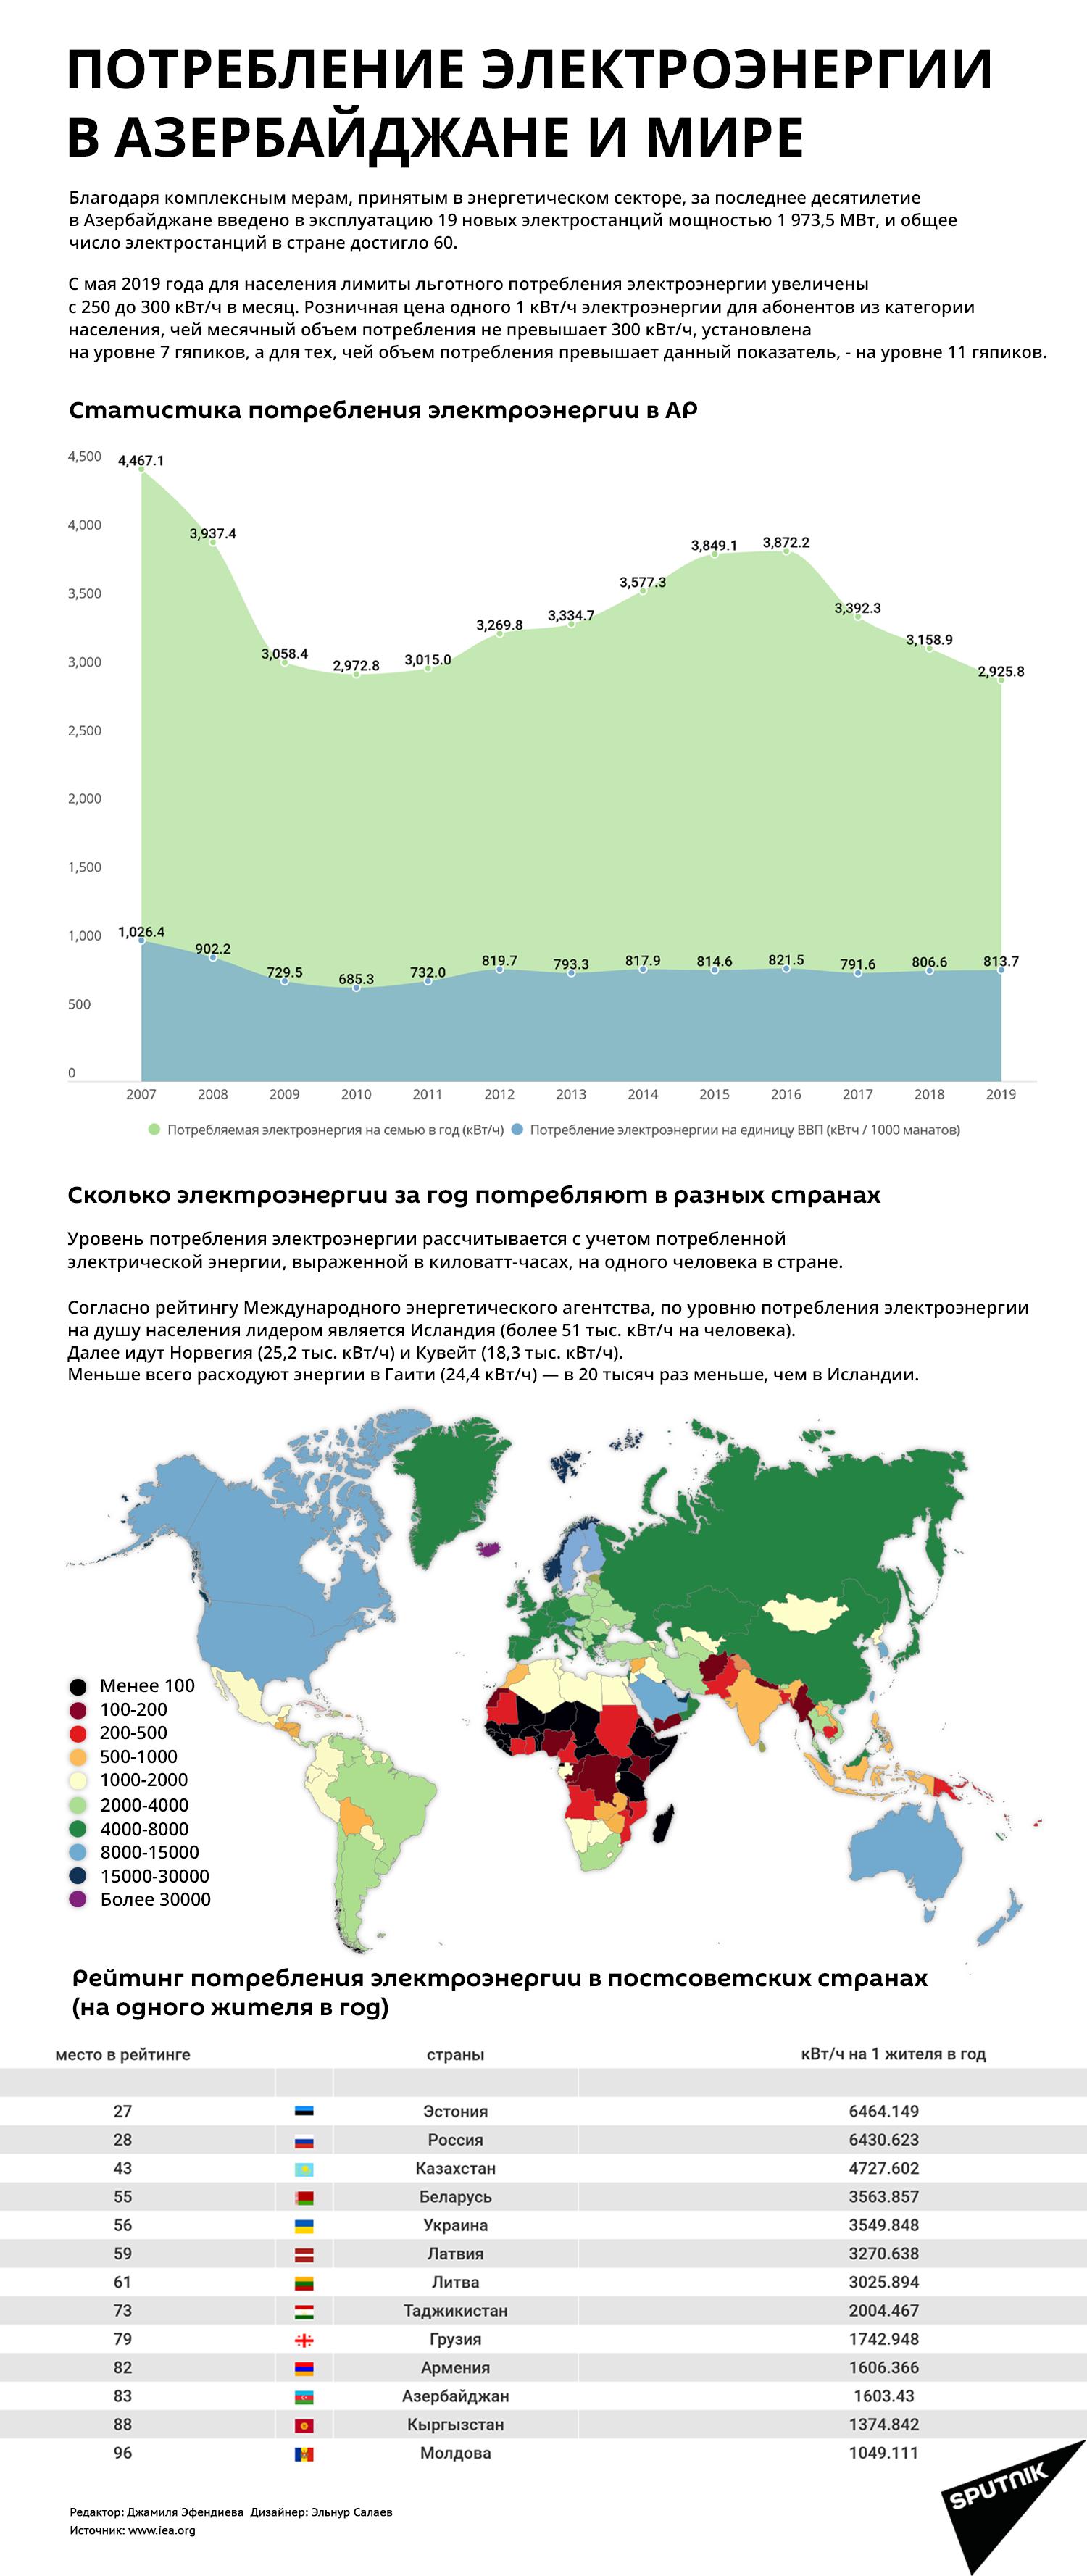 Инфографика: Потребление электроэнергии в Азербайджане и мире - Sputnik Азербайджан